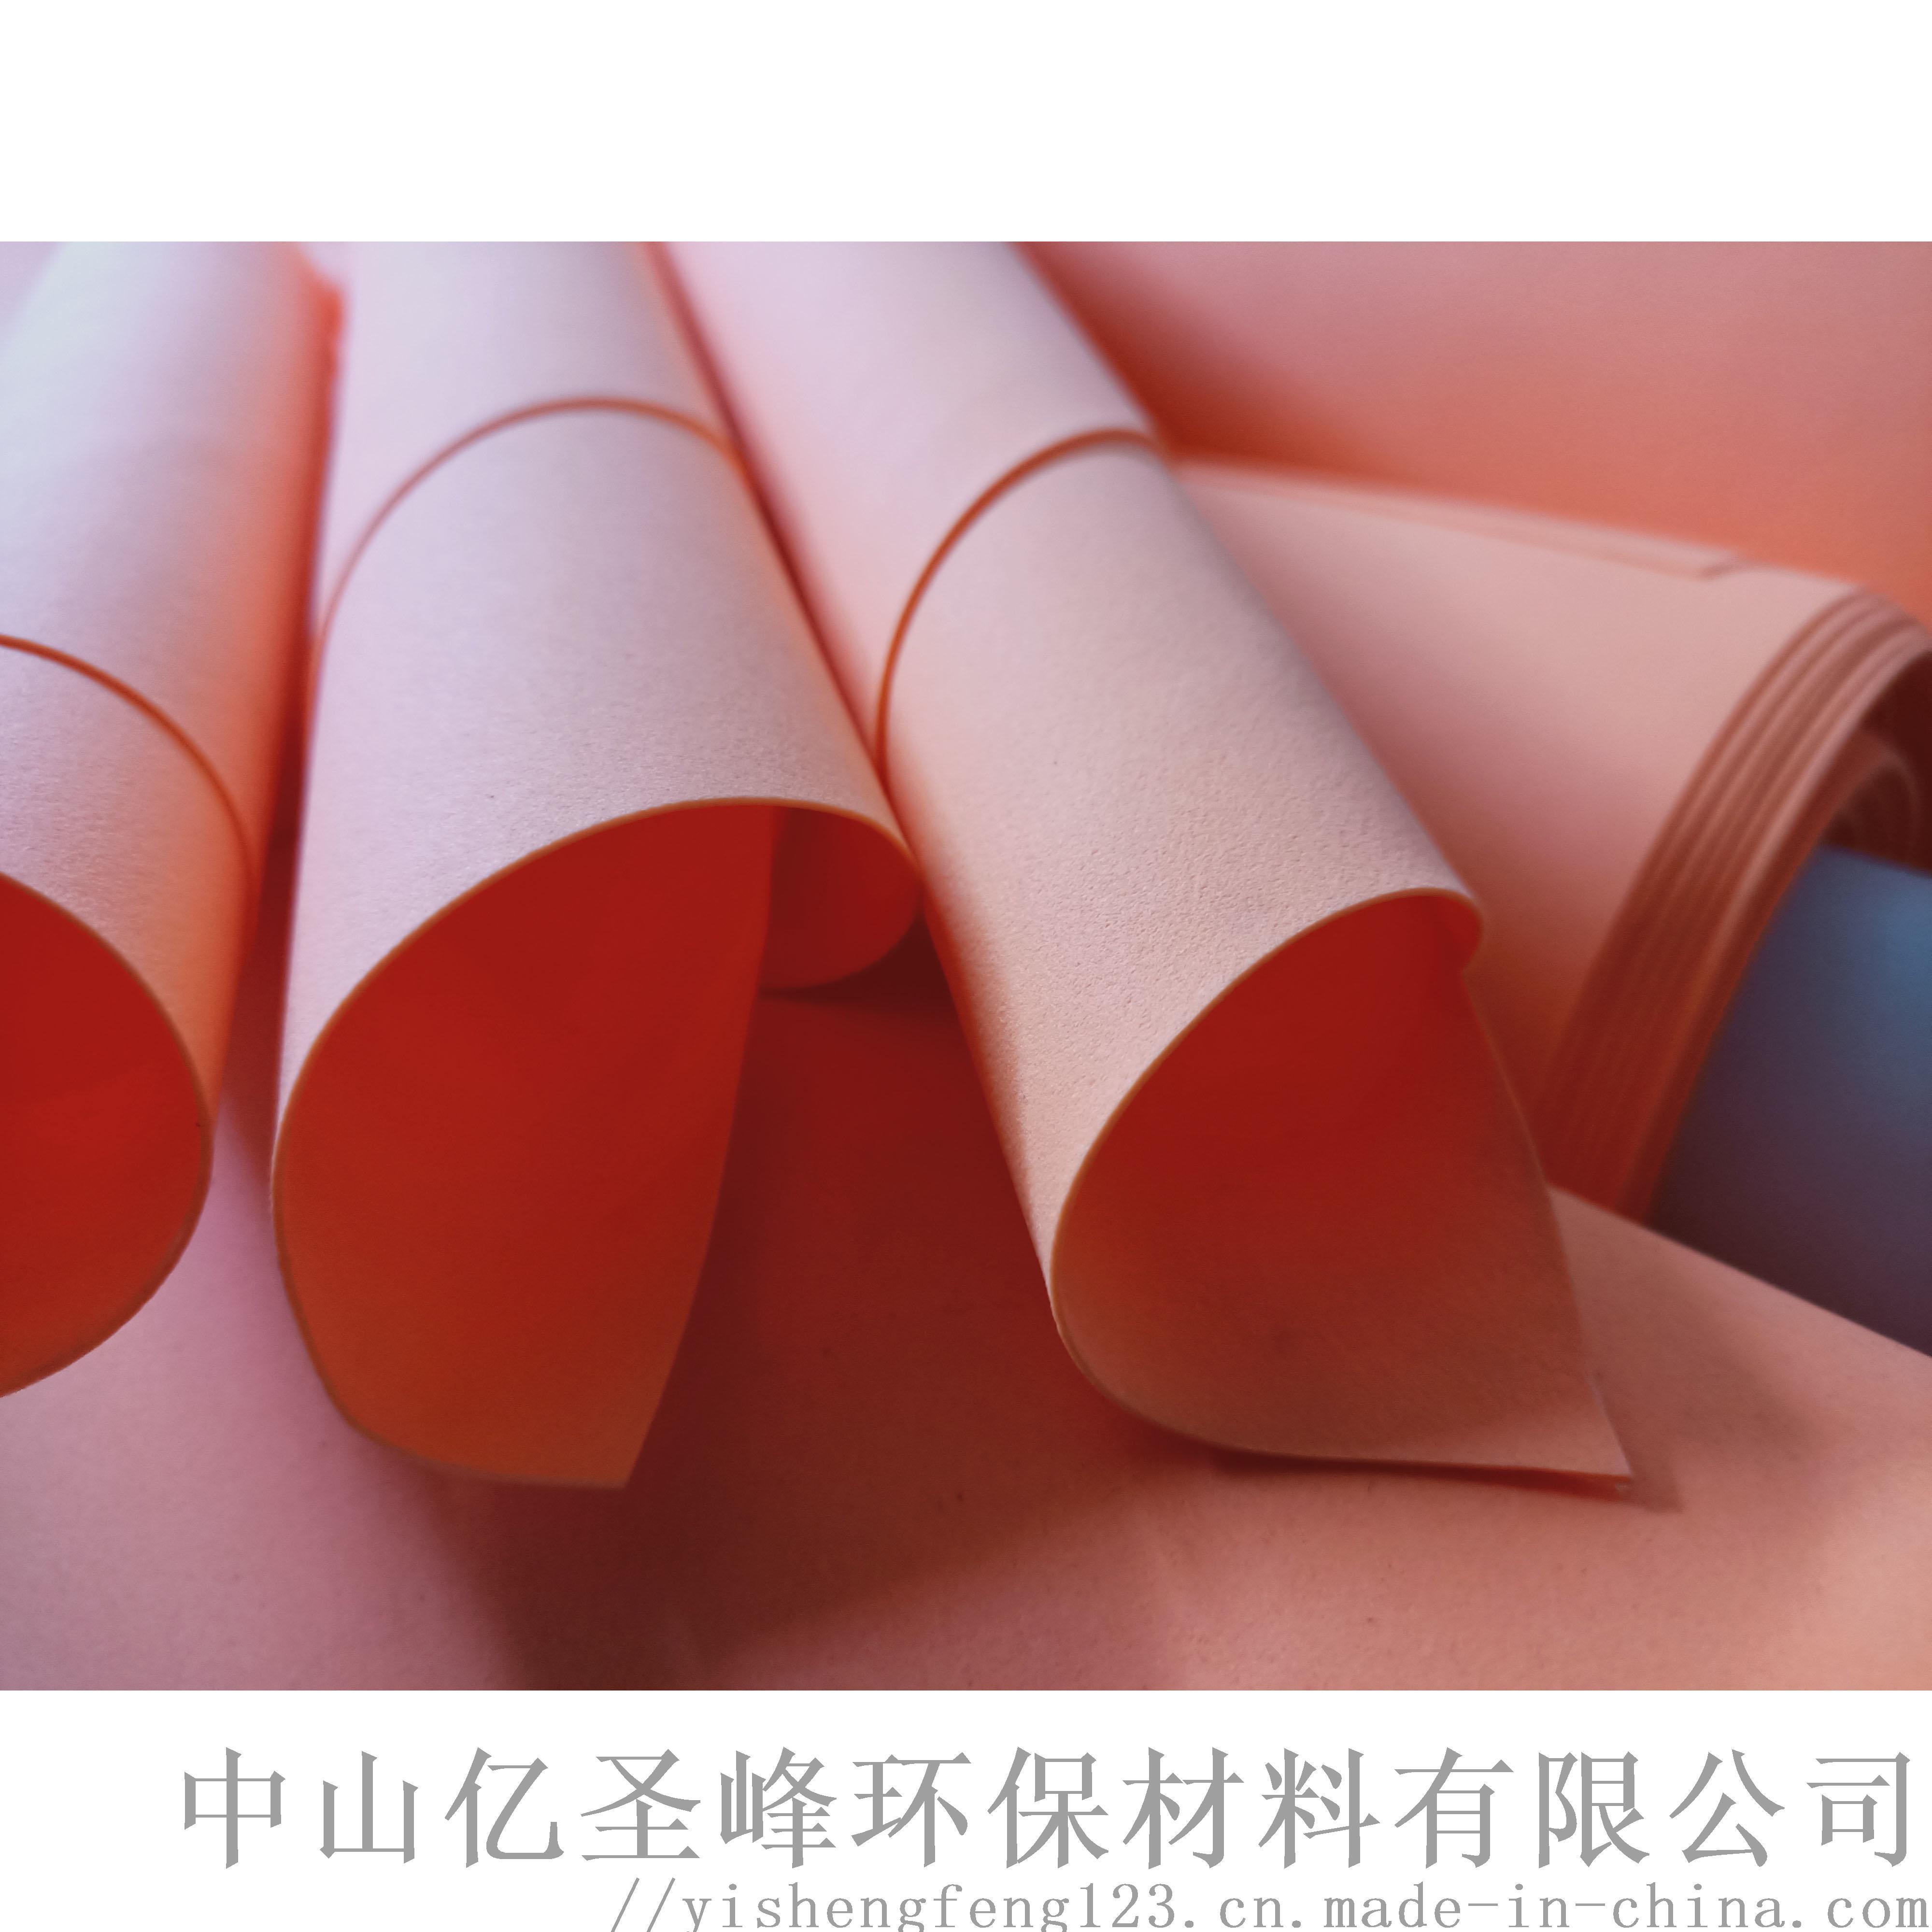 耐磨tpu流延发泡膜商标制作材料845375312